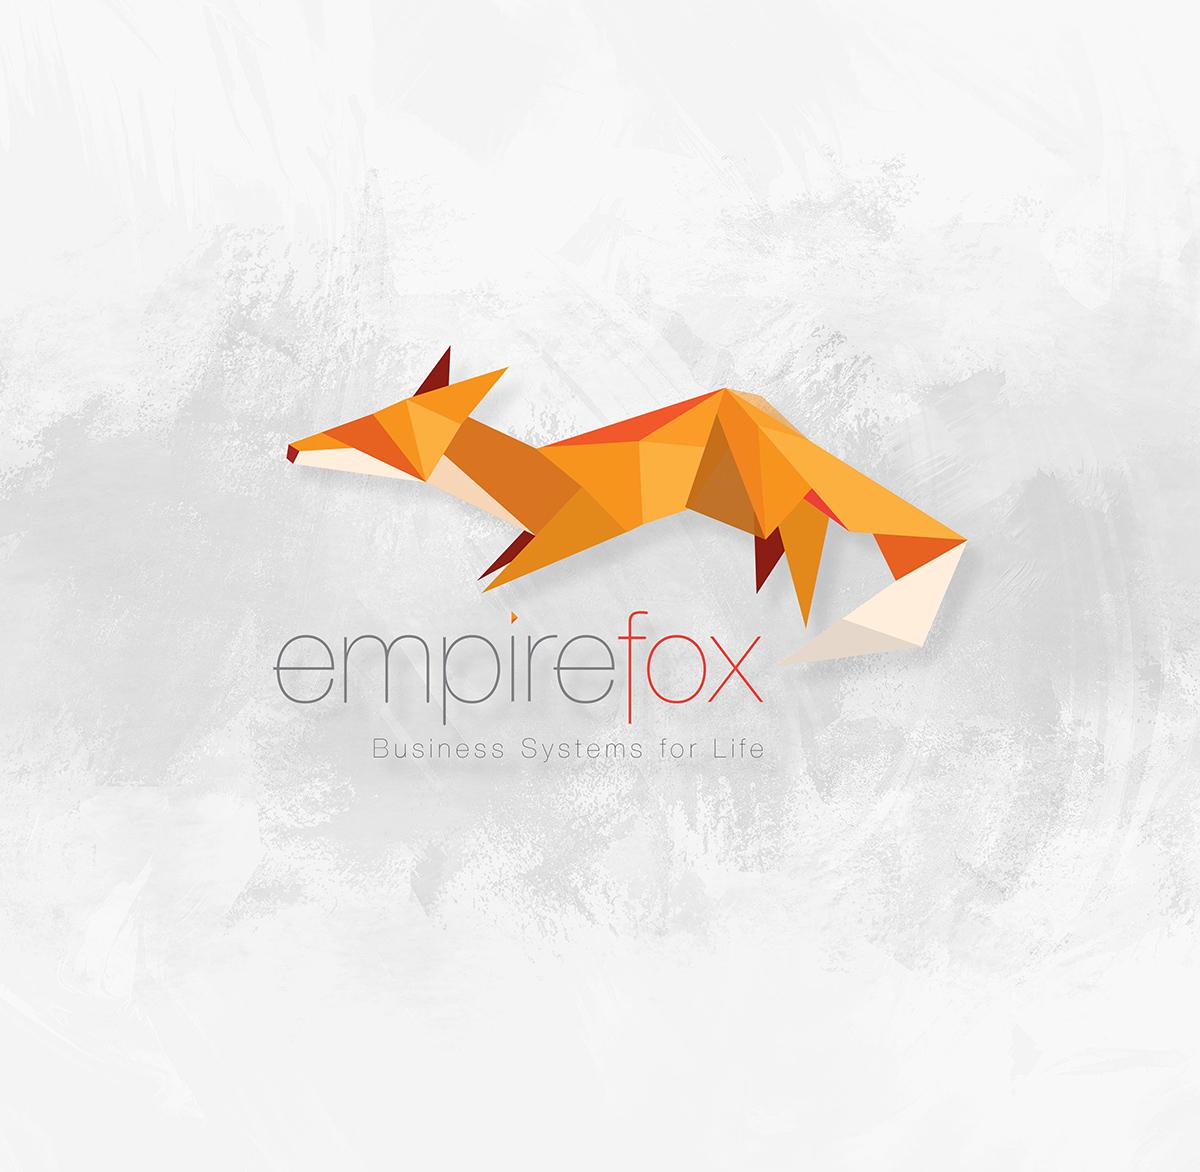 Empire Fox Corporate Identity